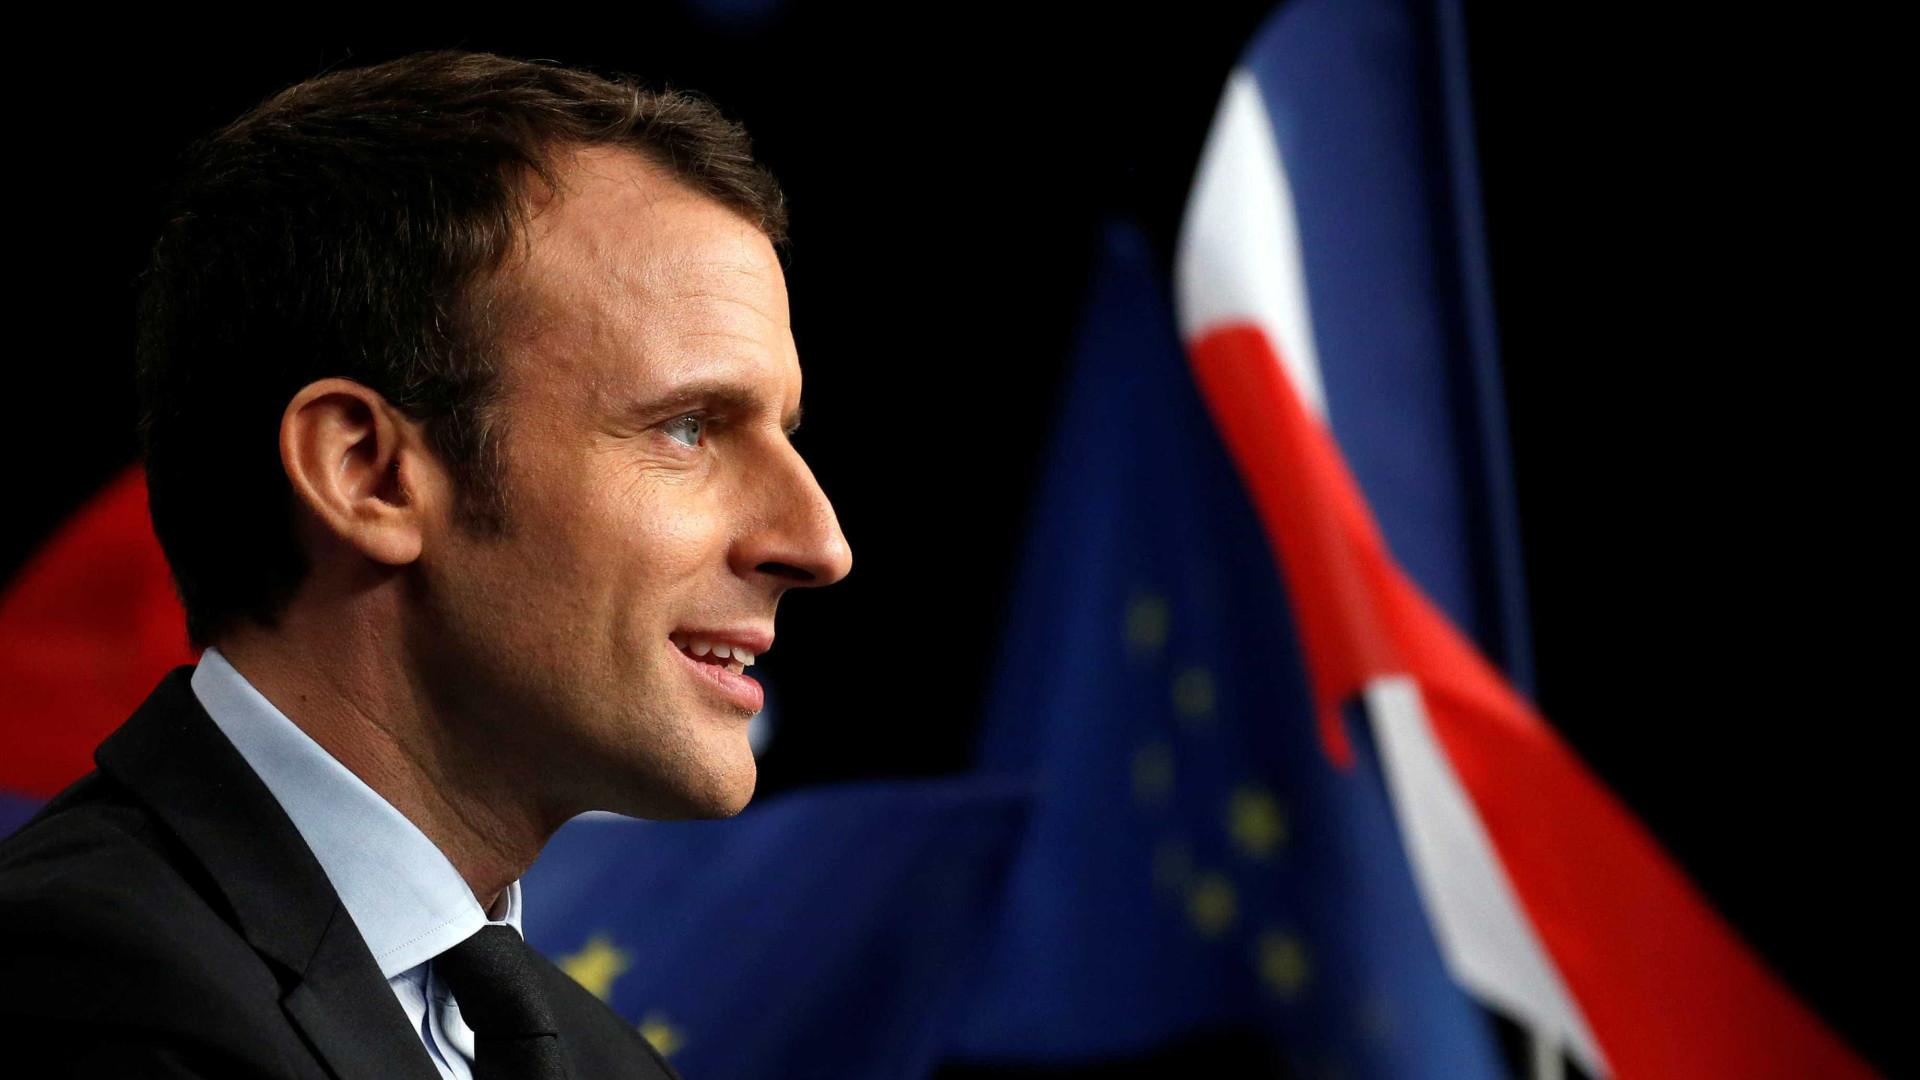 Em dia de debate, Macron lidera pesquisa  eleitoral na França